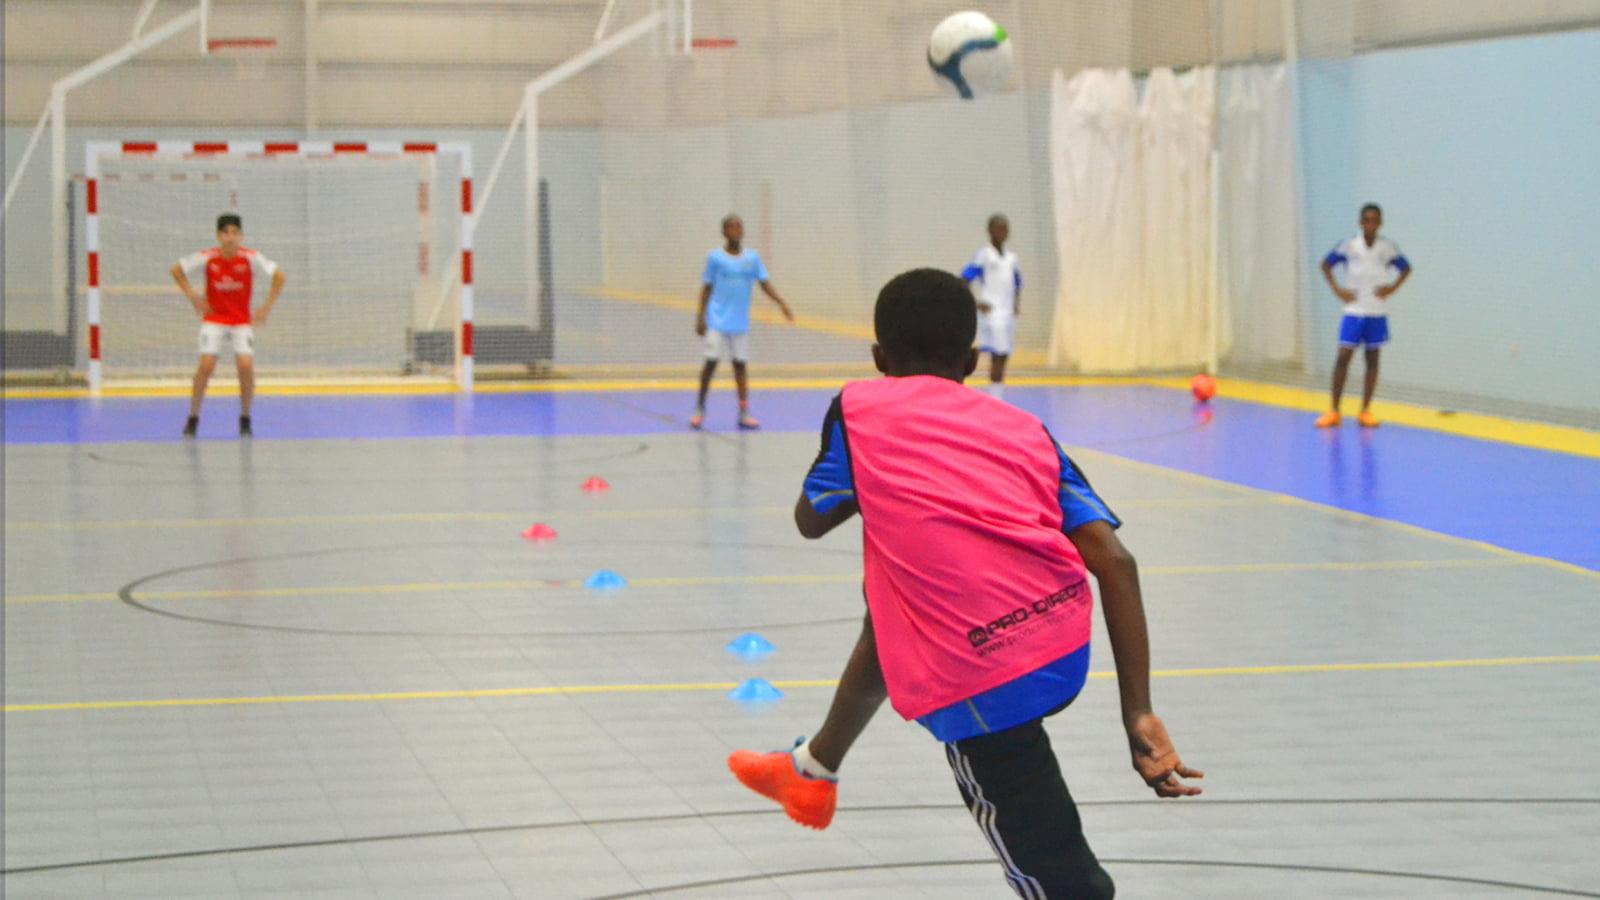 Dubai stars sportsplex